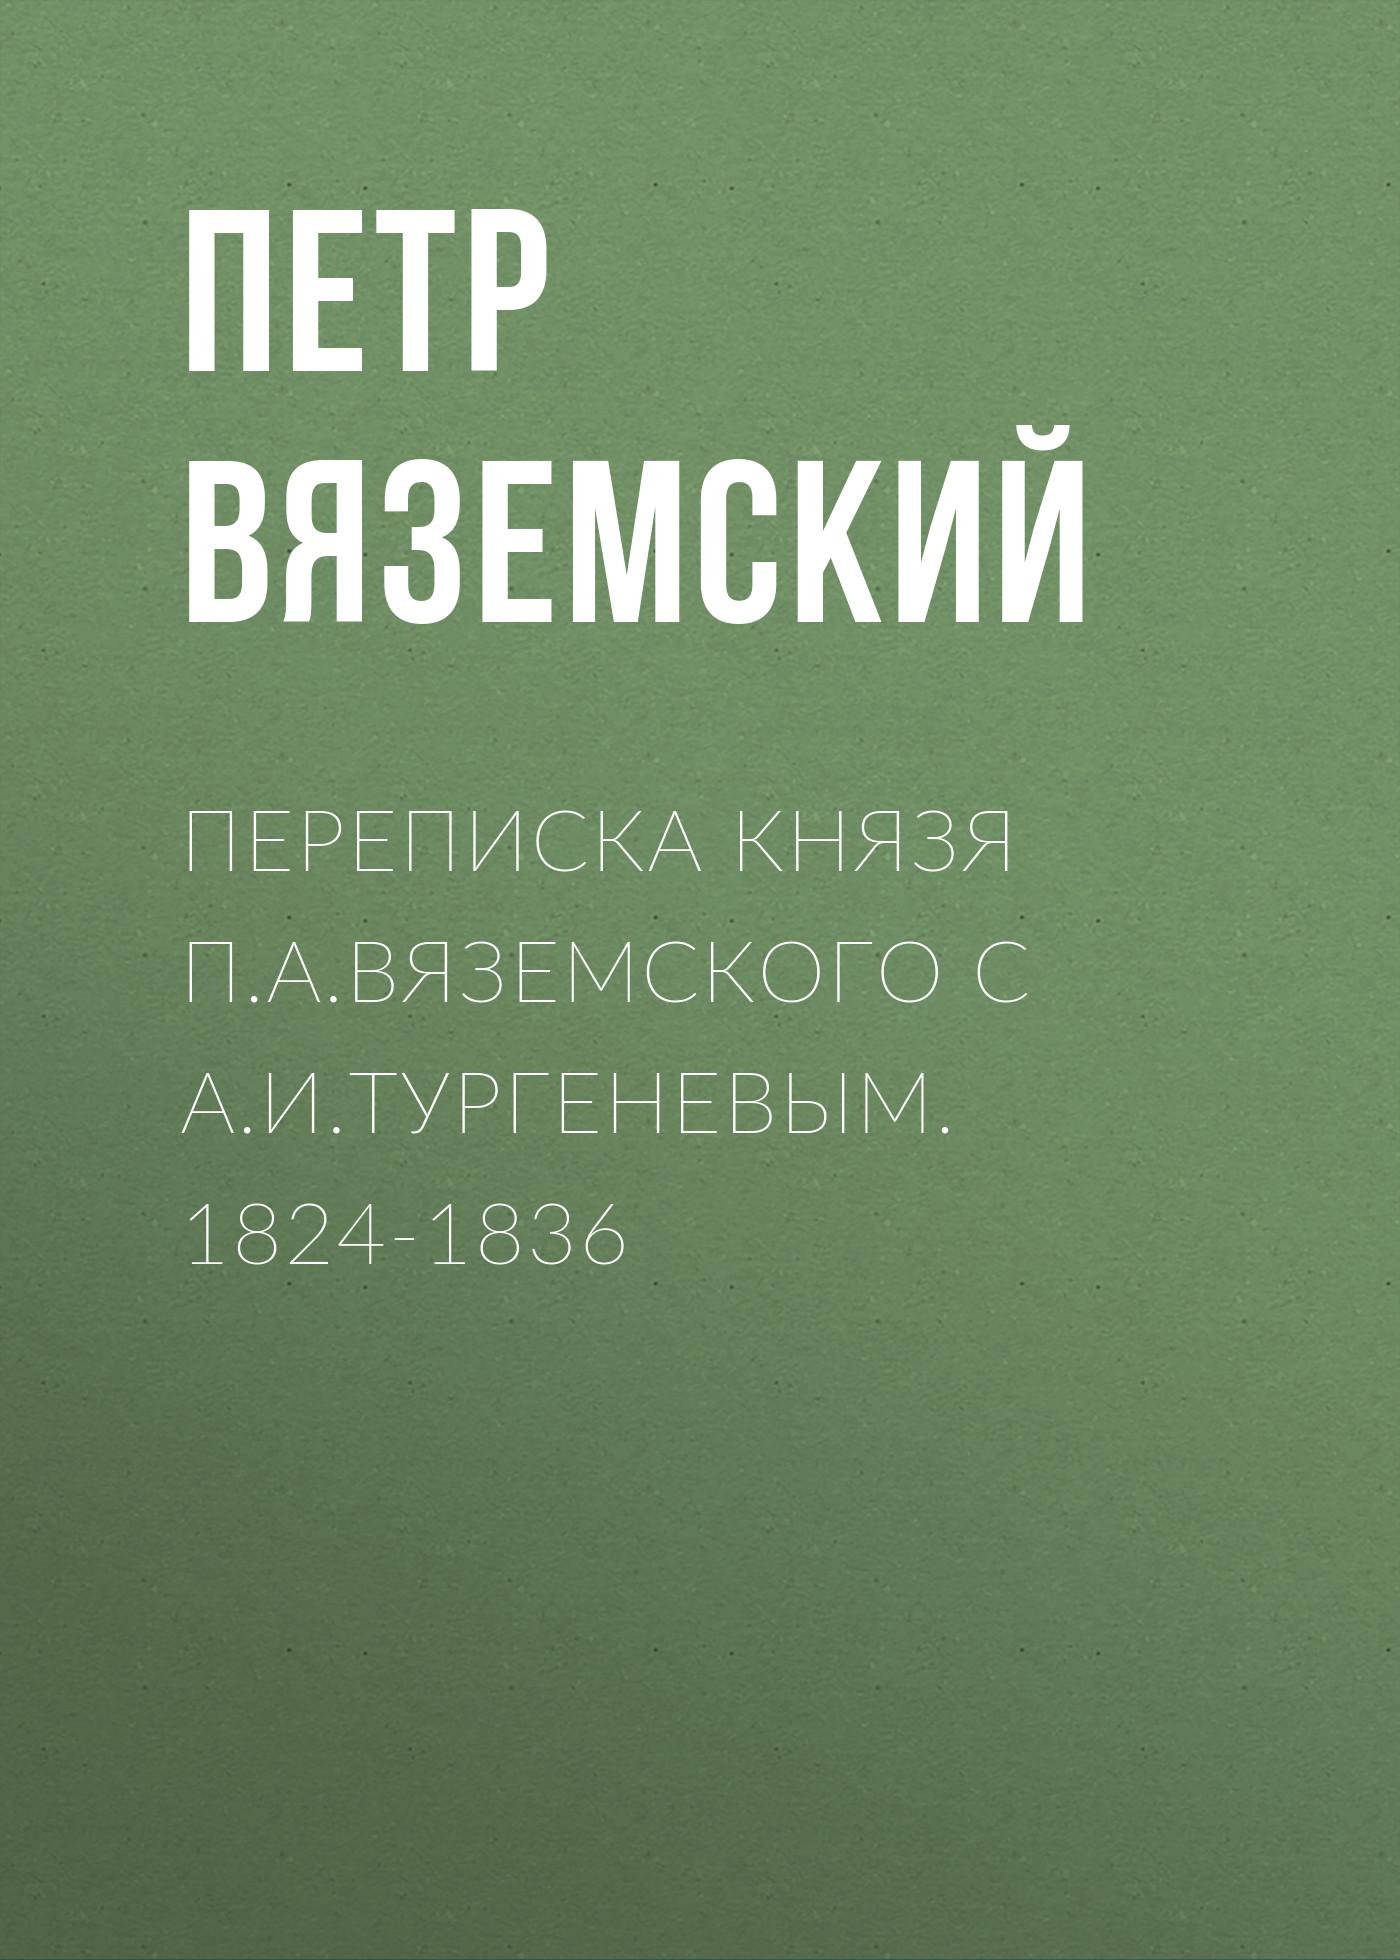 Переписка князя П.А.Вяземского с А.И.Тургеневым. 1824-1836